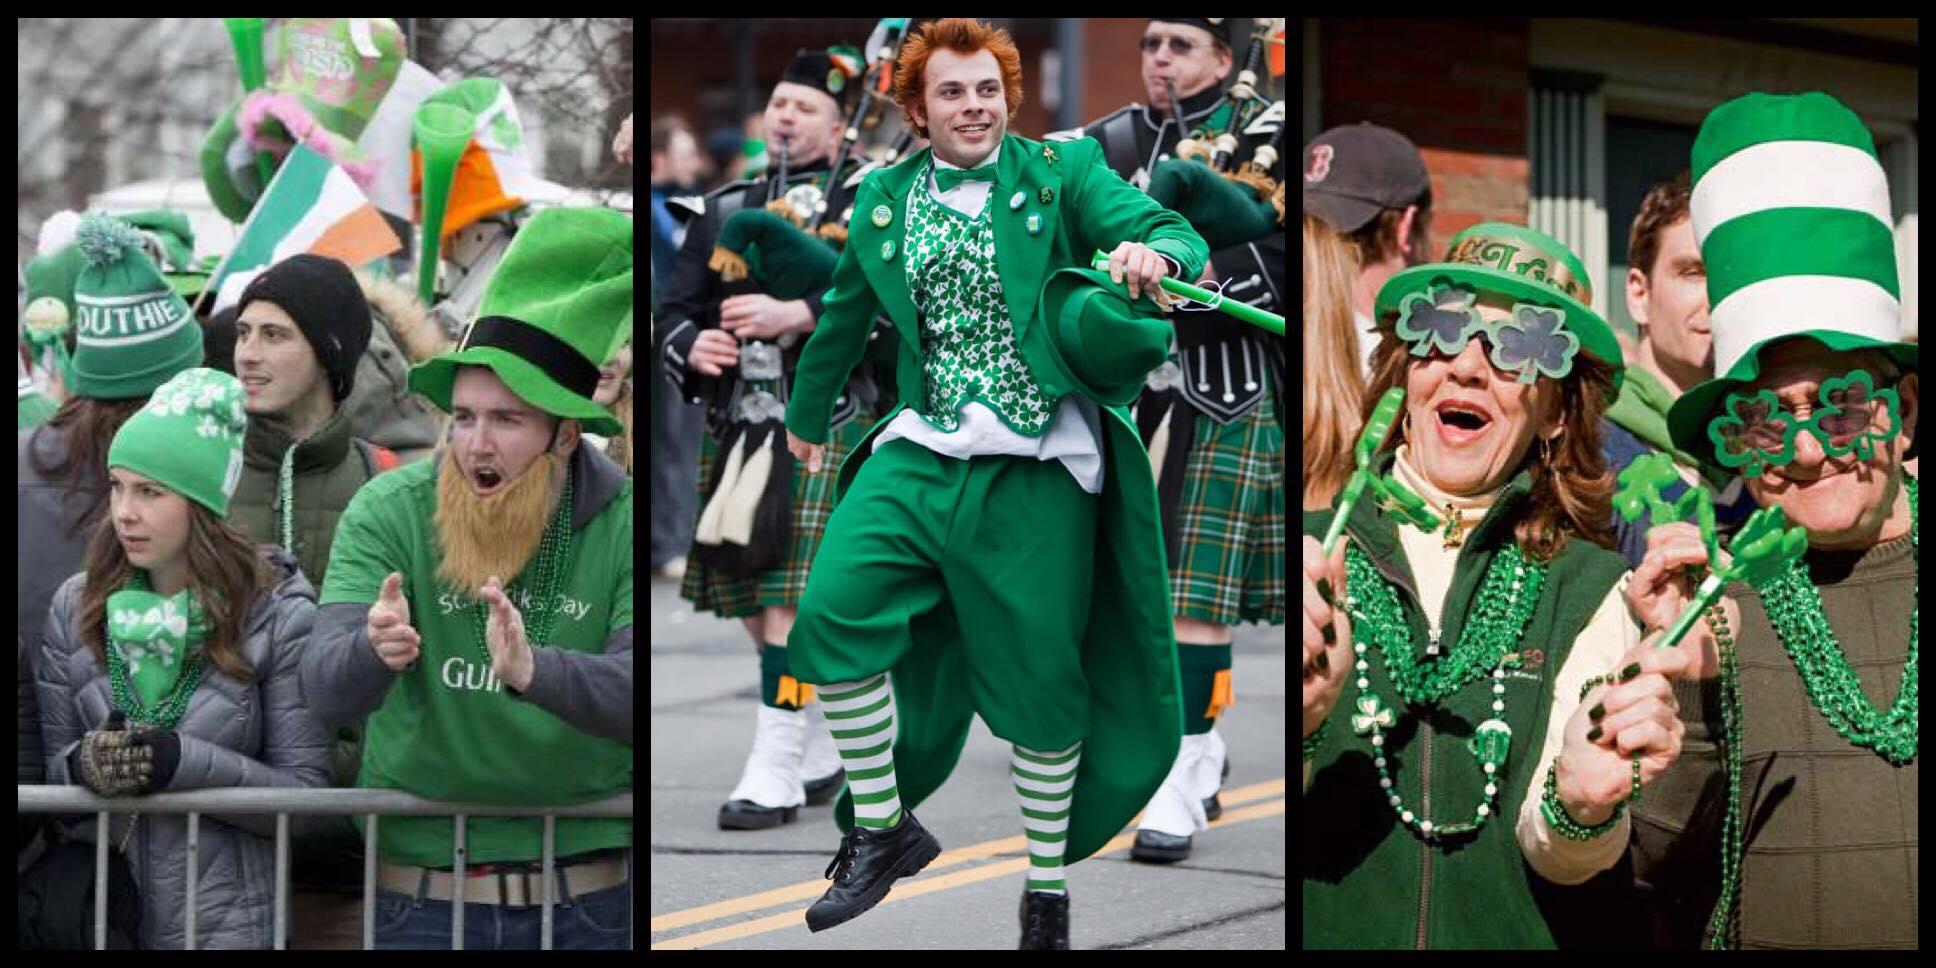 El desfile de San Patricio en Boston es uno de los más populares en todo el país.